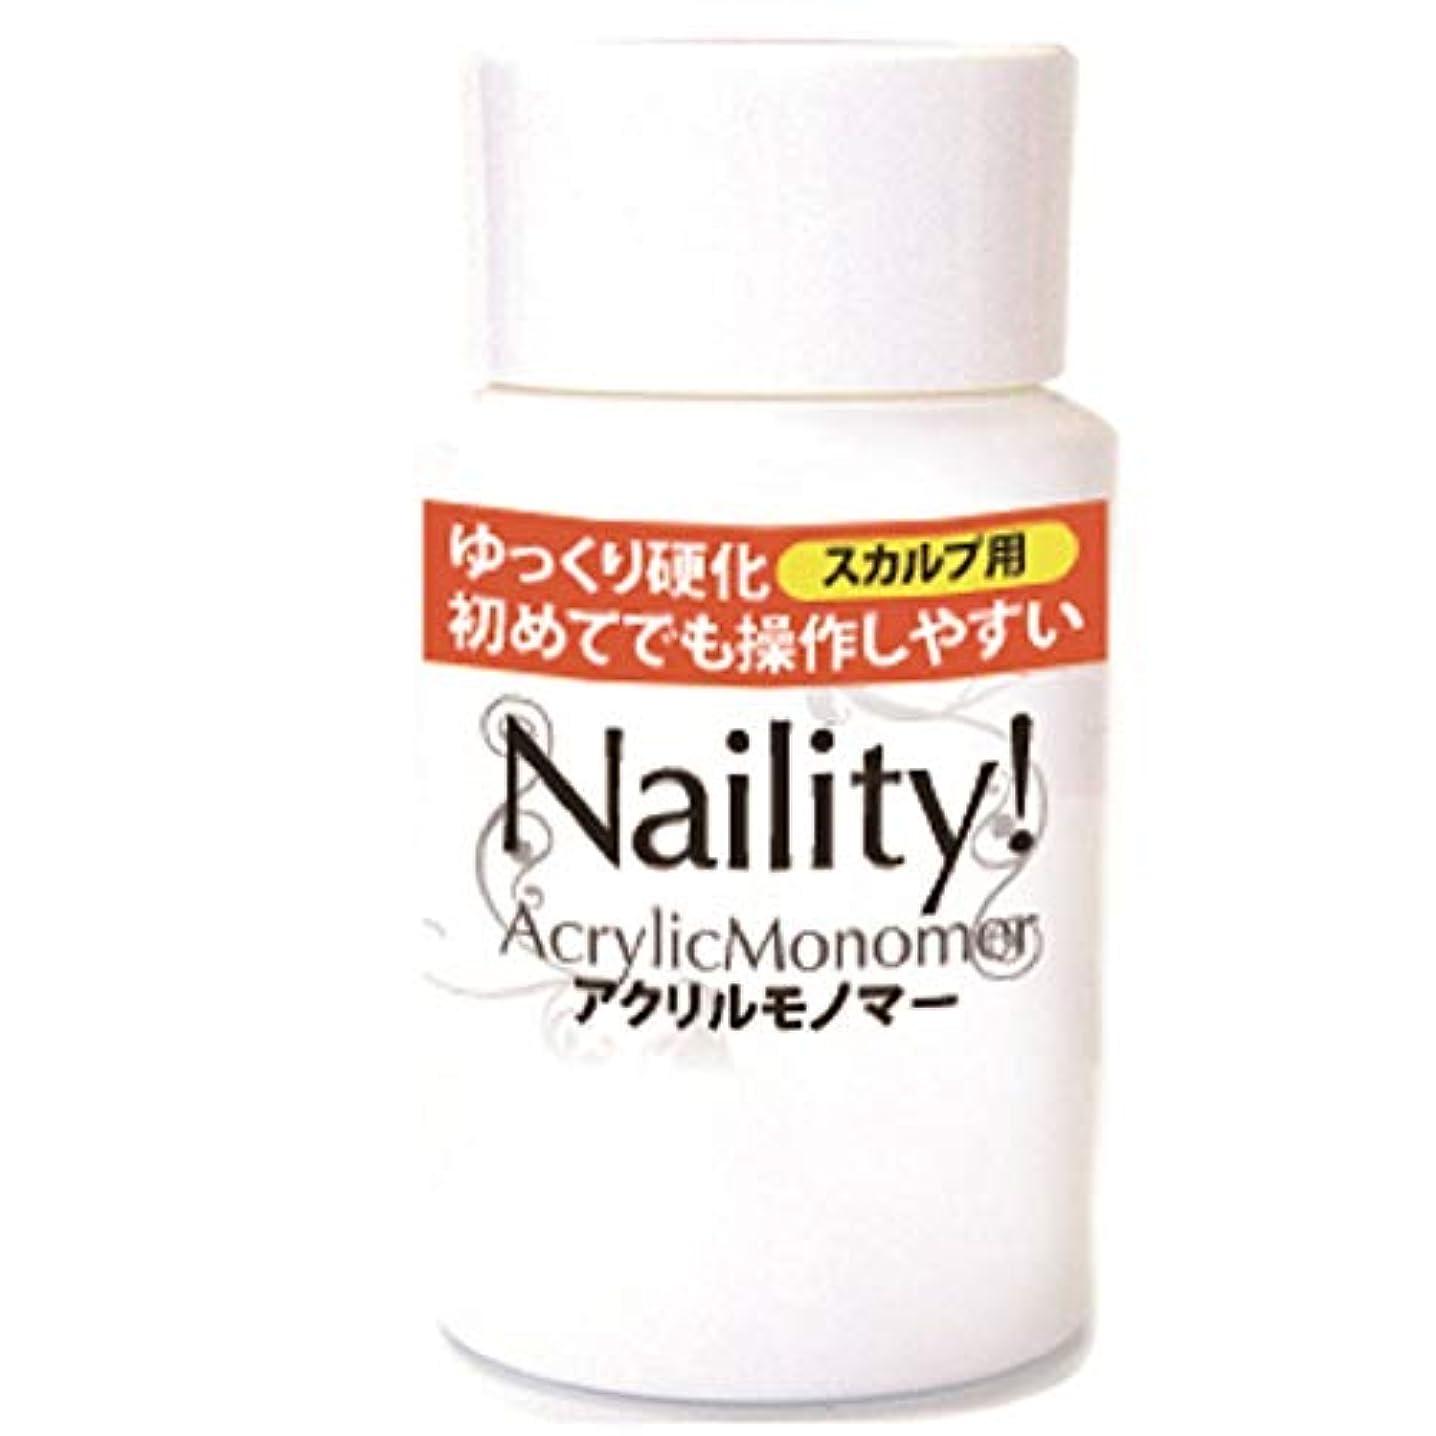 悪性のカートアフリカ人Naility! アクリルモノマー 50mL